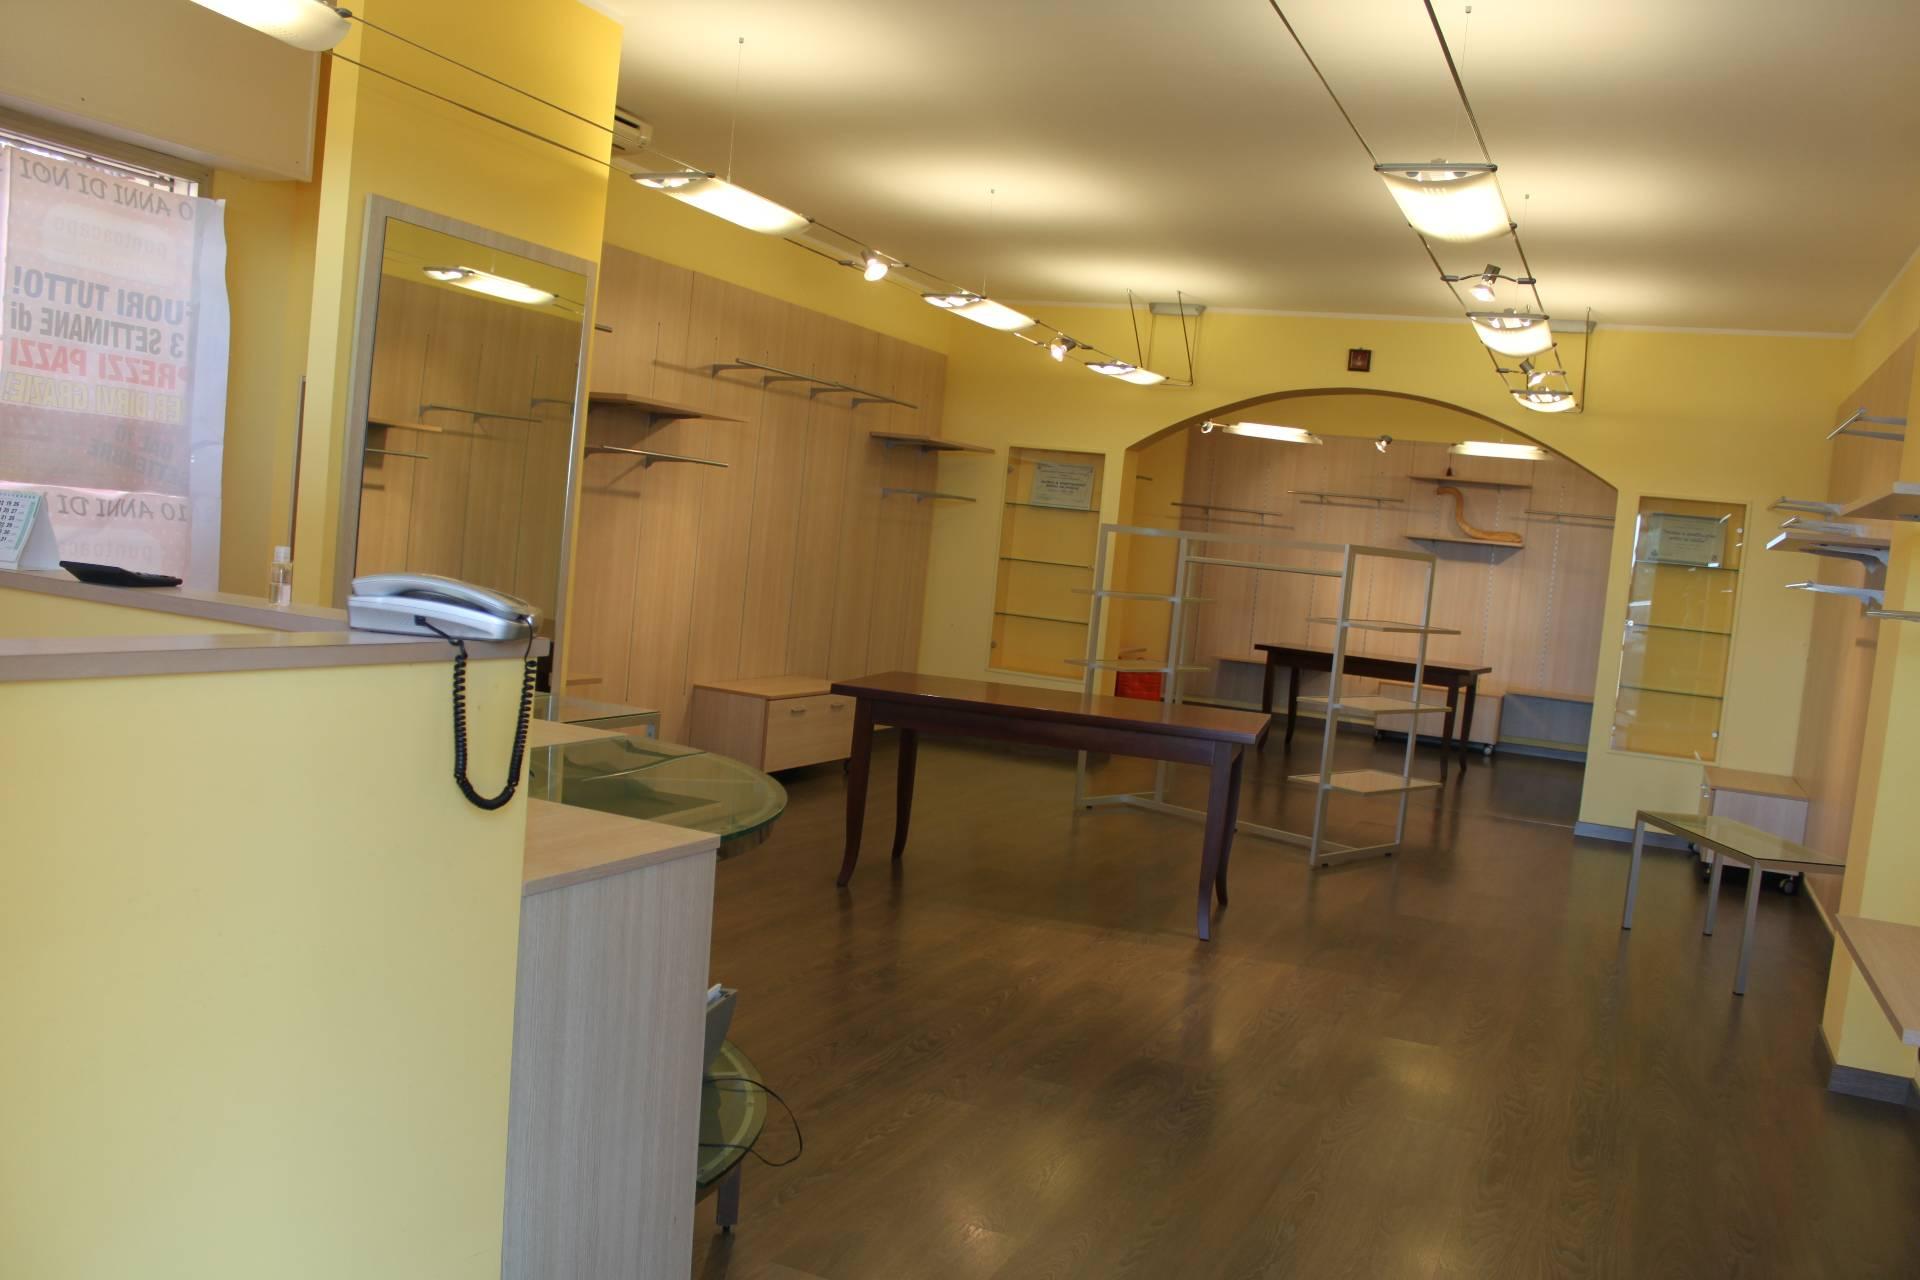 Negozio / Locale in vendita a Polverigi, 9999 locali, zona Località: Semicentro, prezzo € 89.000 | CambioCasa.it